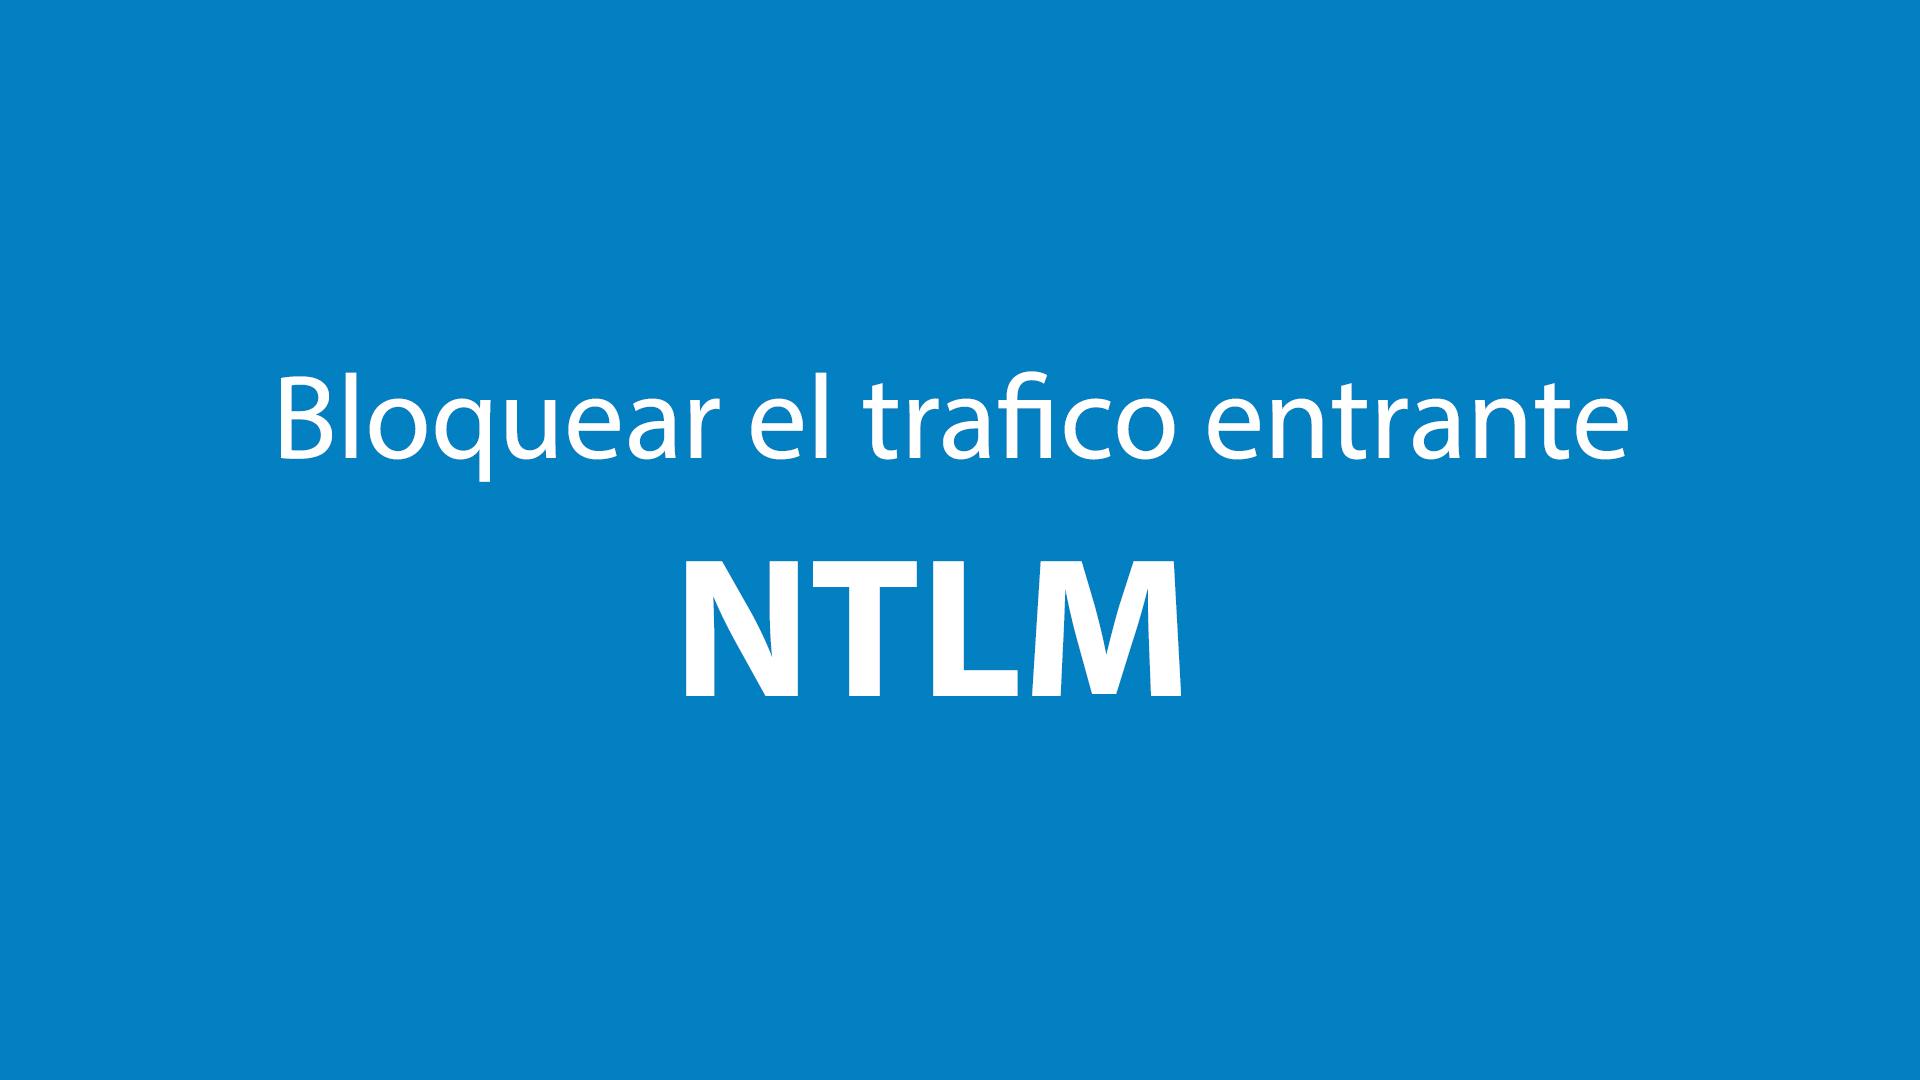 Cómo restringir NTLM: tráfico NTLM entrante 1